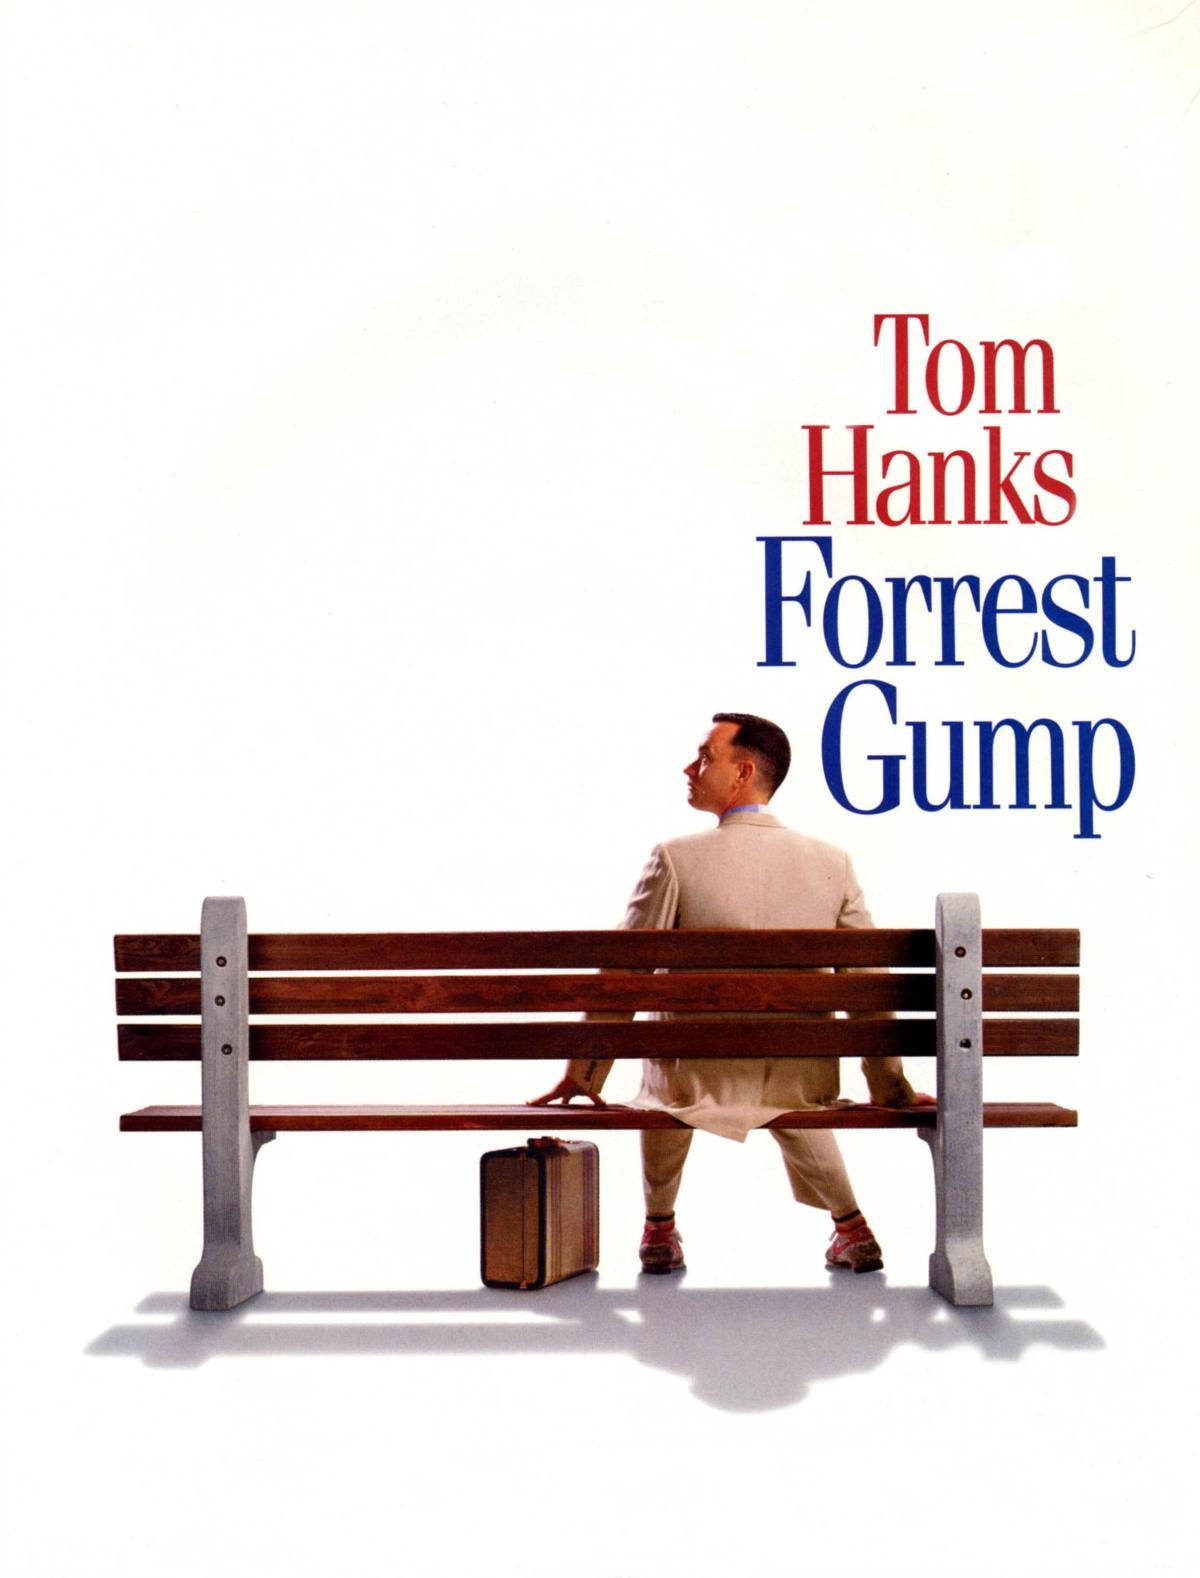 Forrest Gump 1994 Criticas Noticias Novedades Y Opiniones Peliculas En Hobbyconsolas